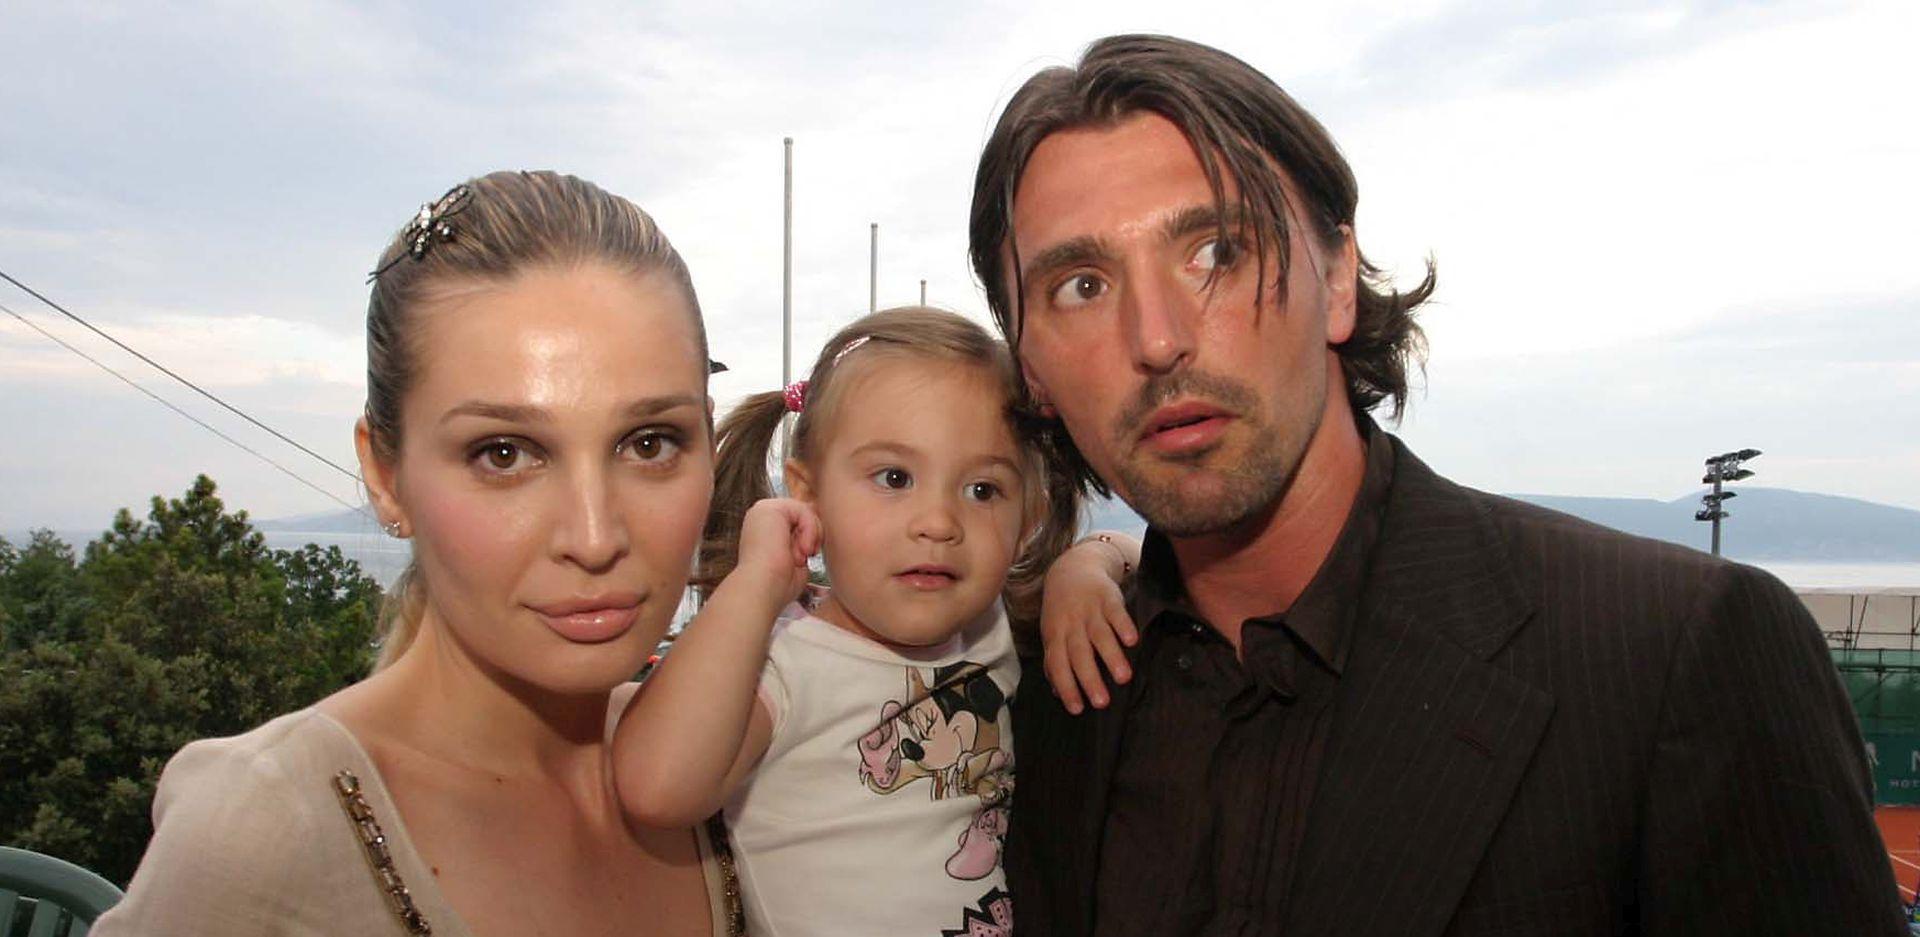 Večernji list mora platiti 30.000 kuna bivšoj supruzi Gorana Ivaniševića